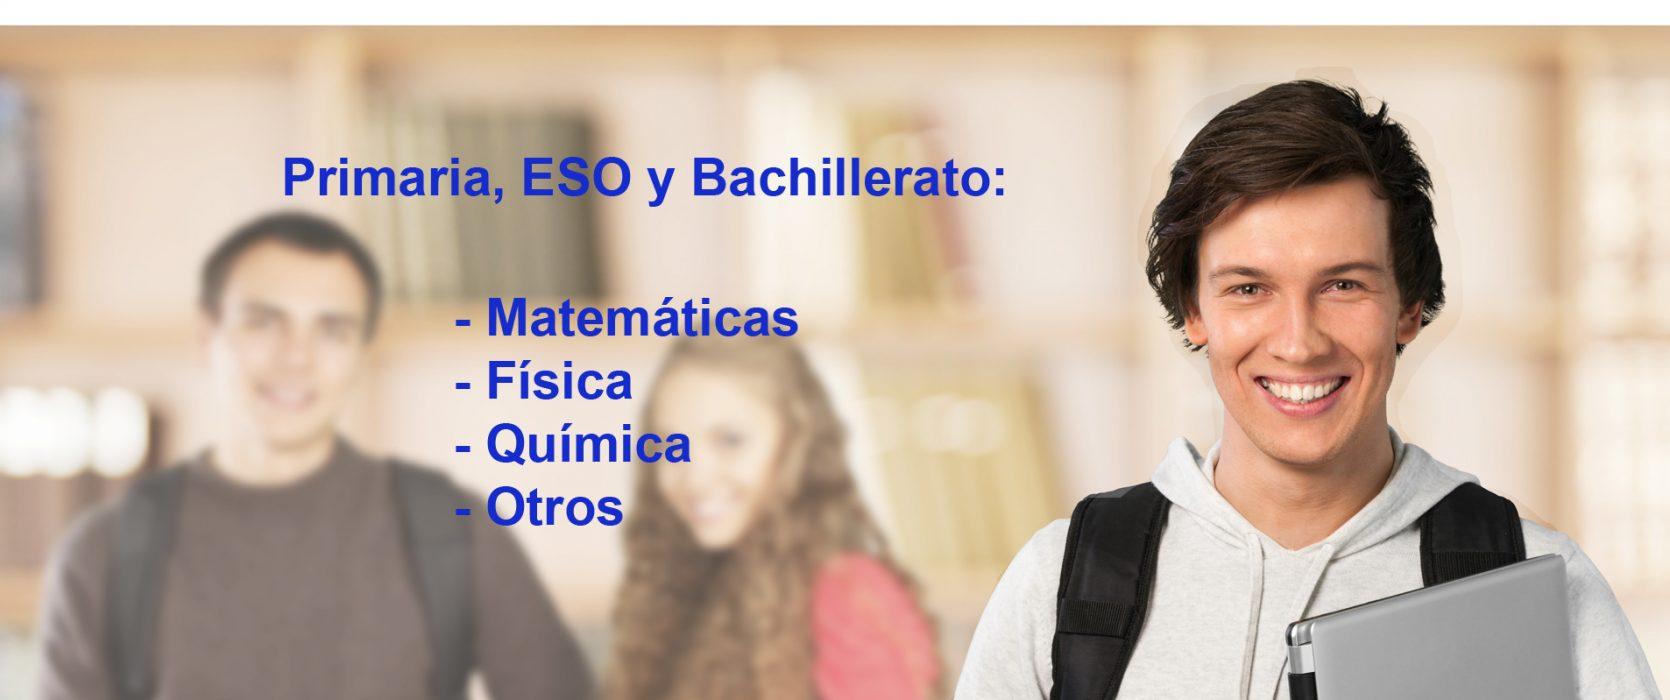 Primaria, Eso y bachillerato: matemáticas, física, química, otros